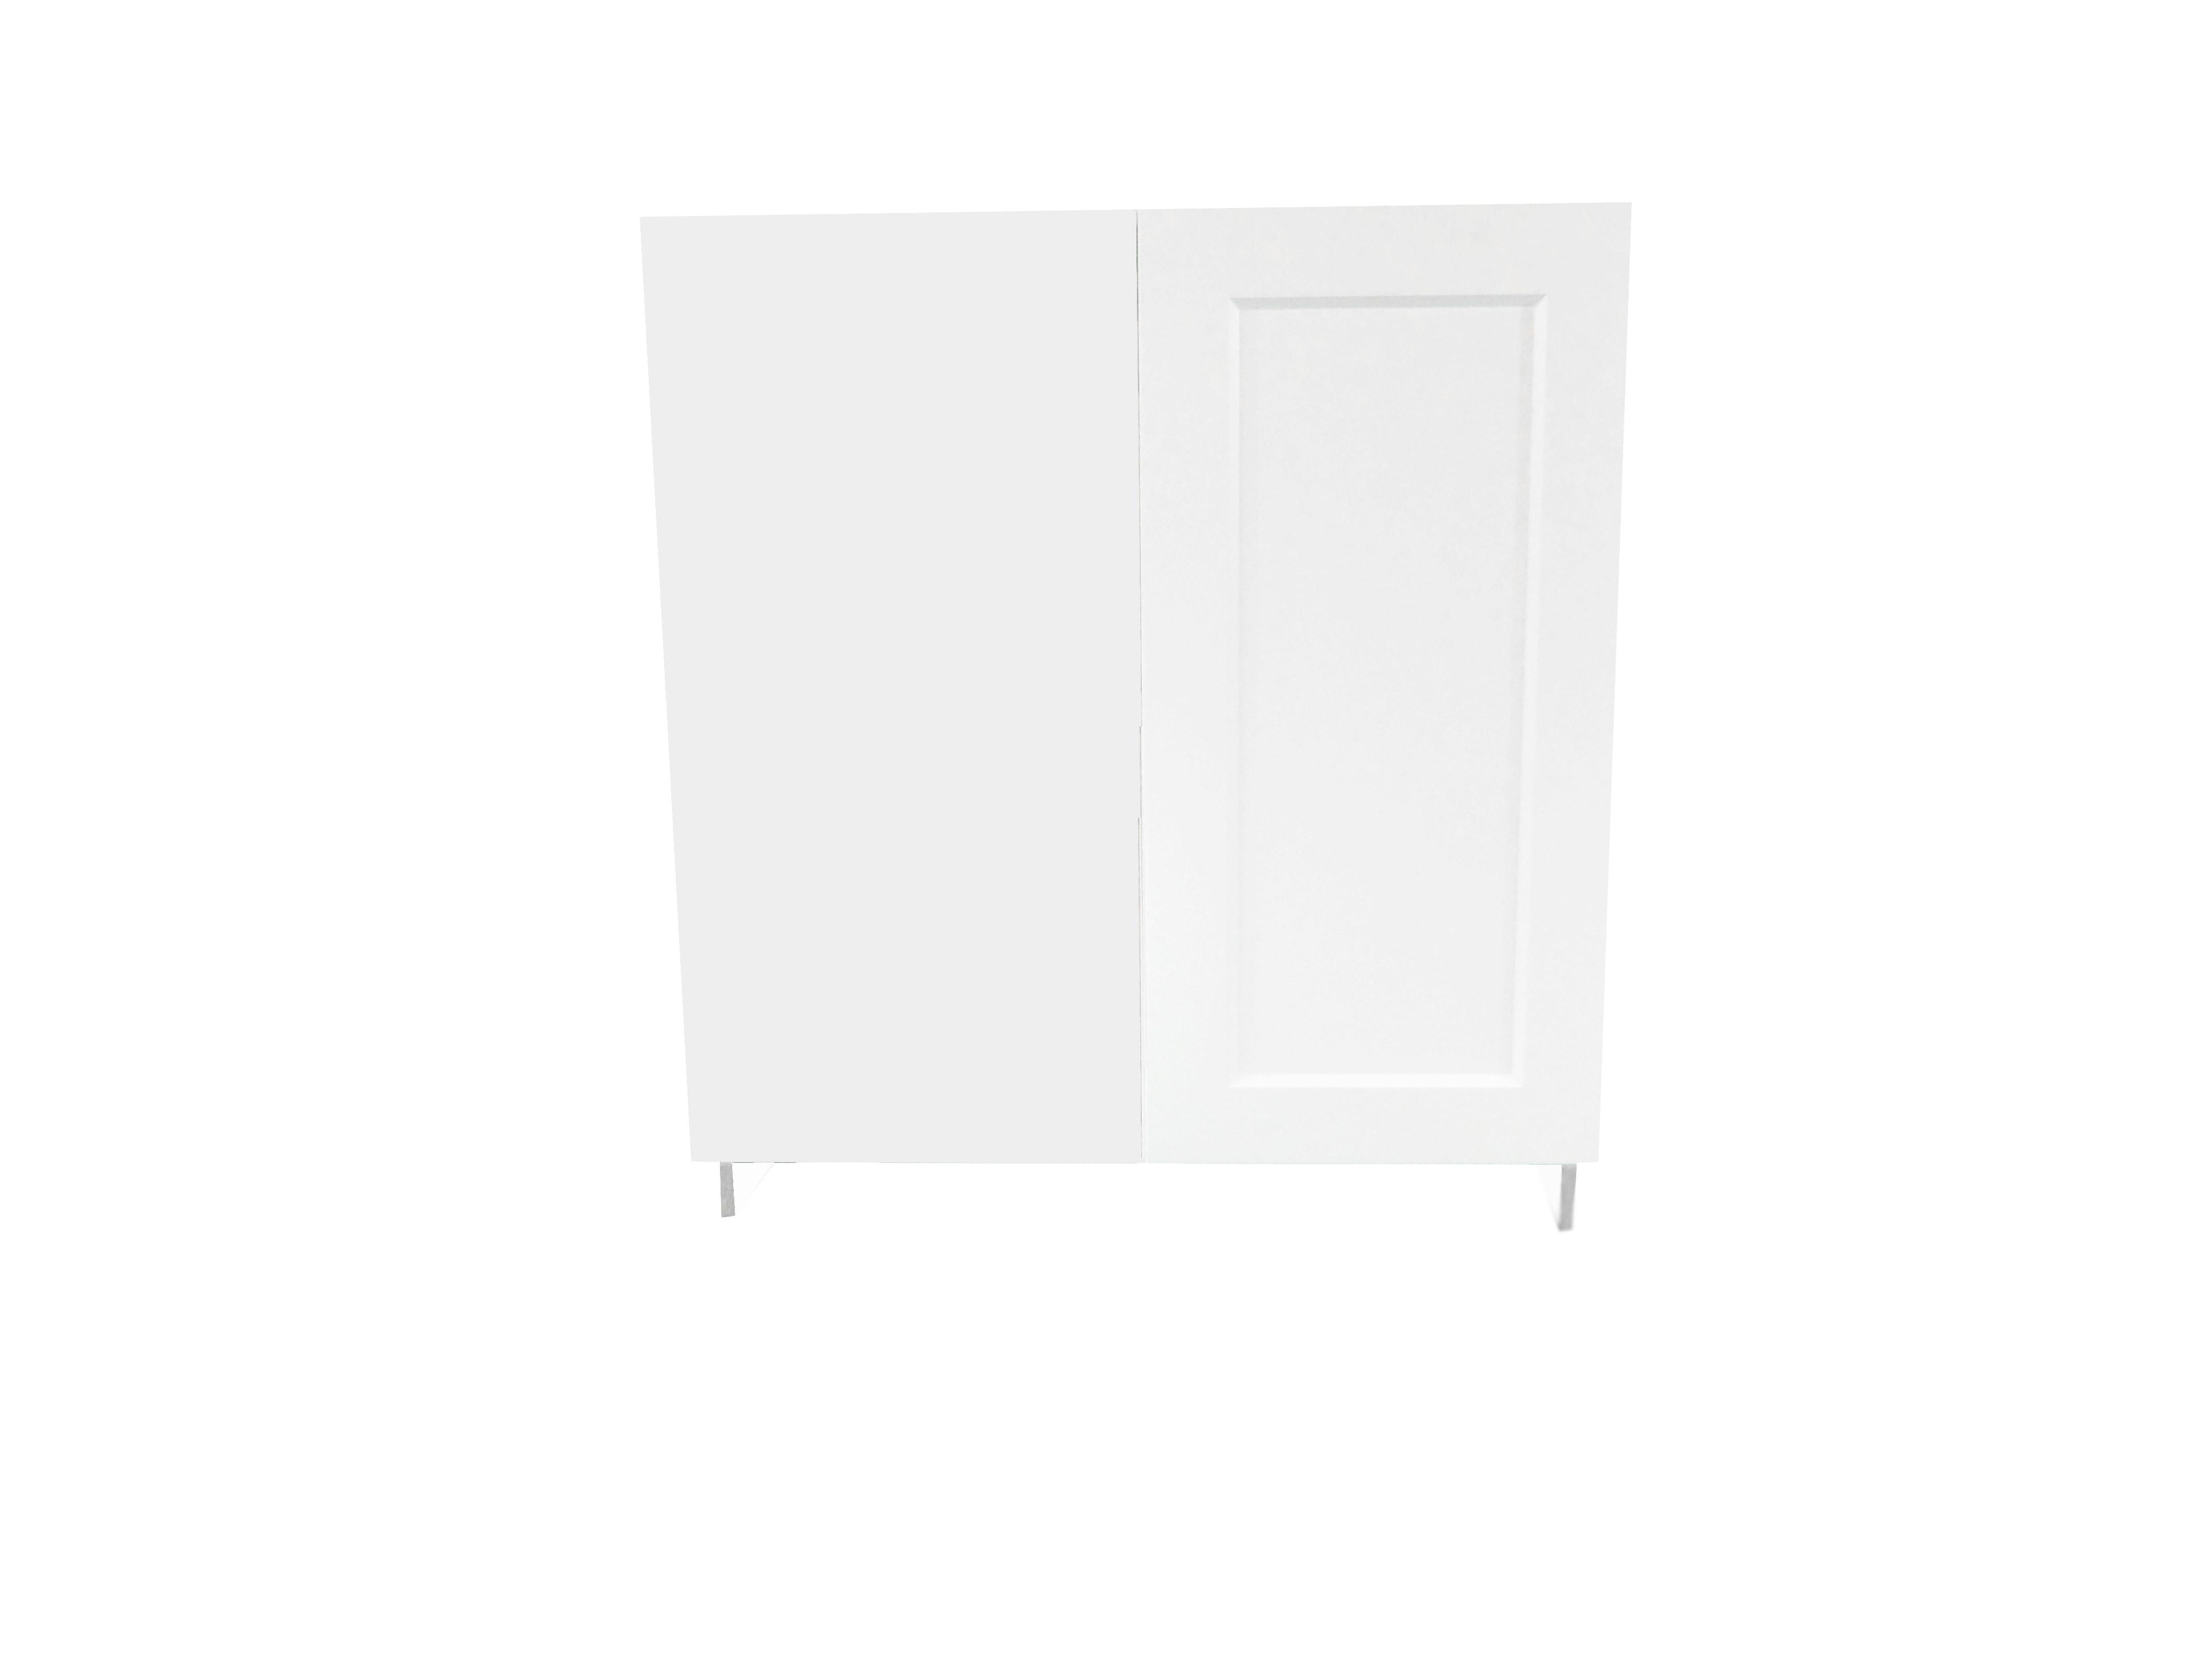 Blind Base Cabinet with Door / Wistler White / Flat Panel White / 36 Whistler White 0